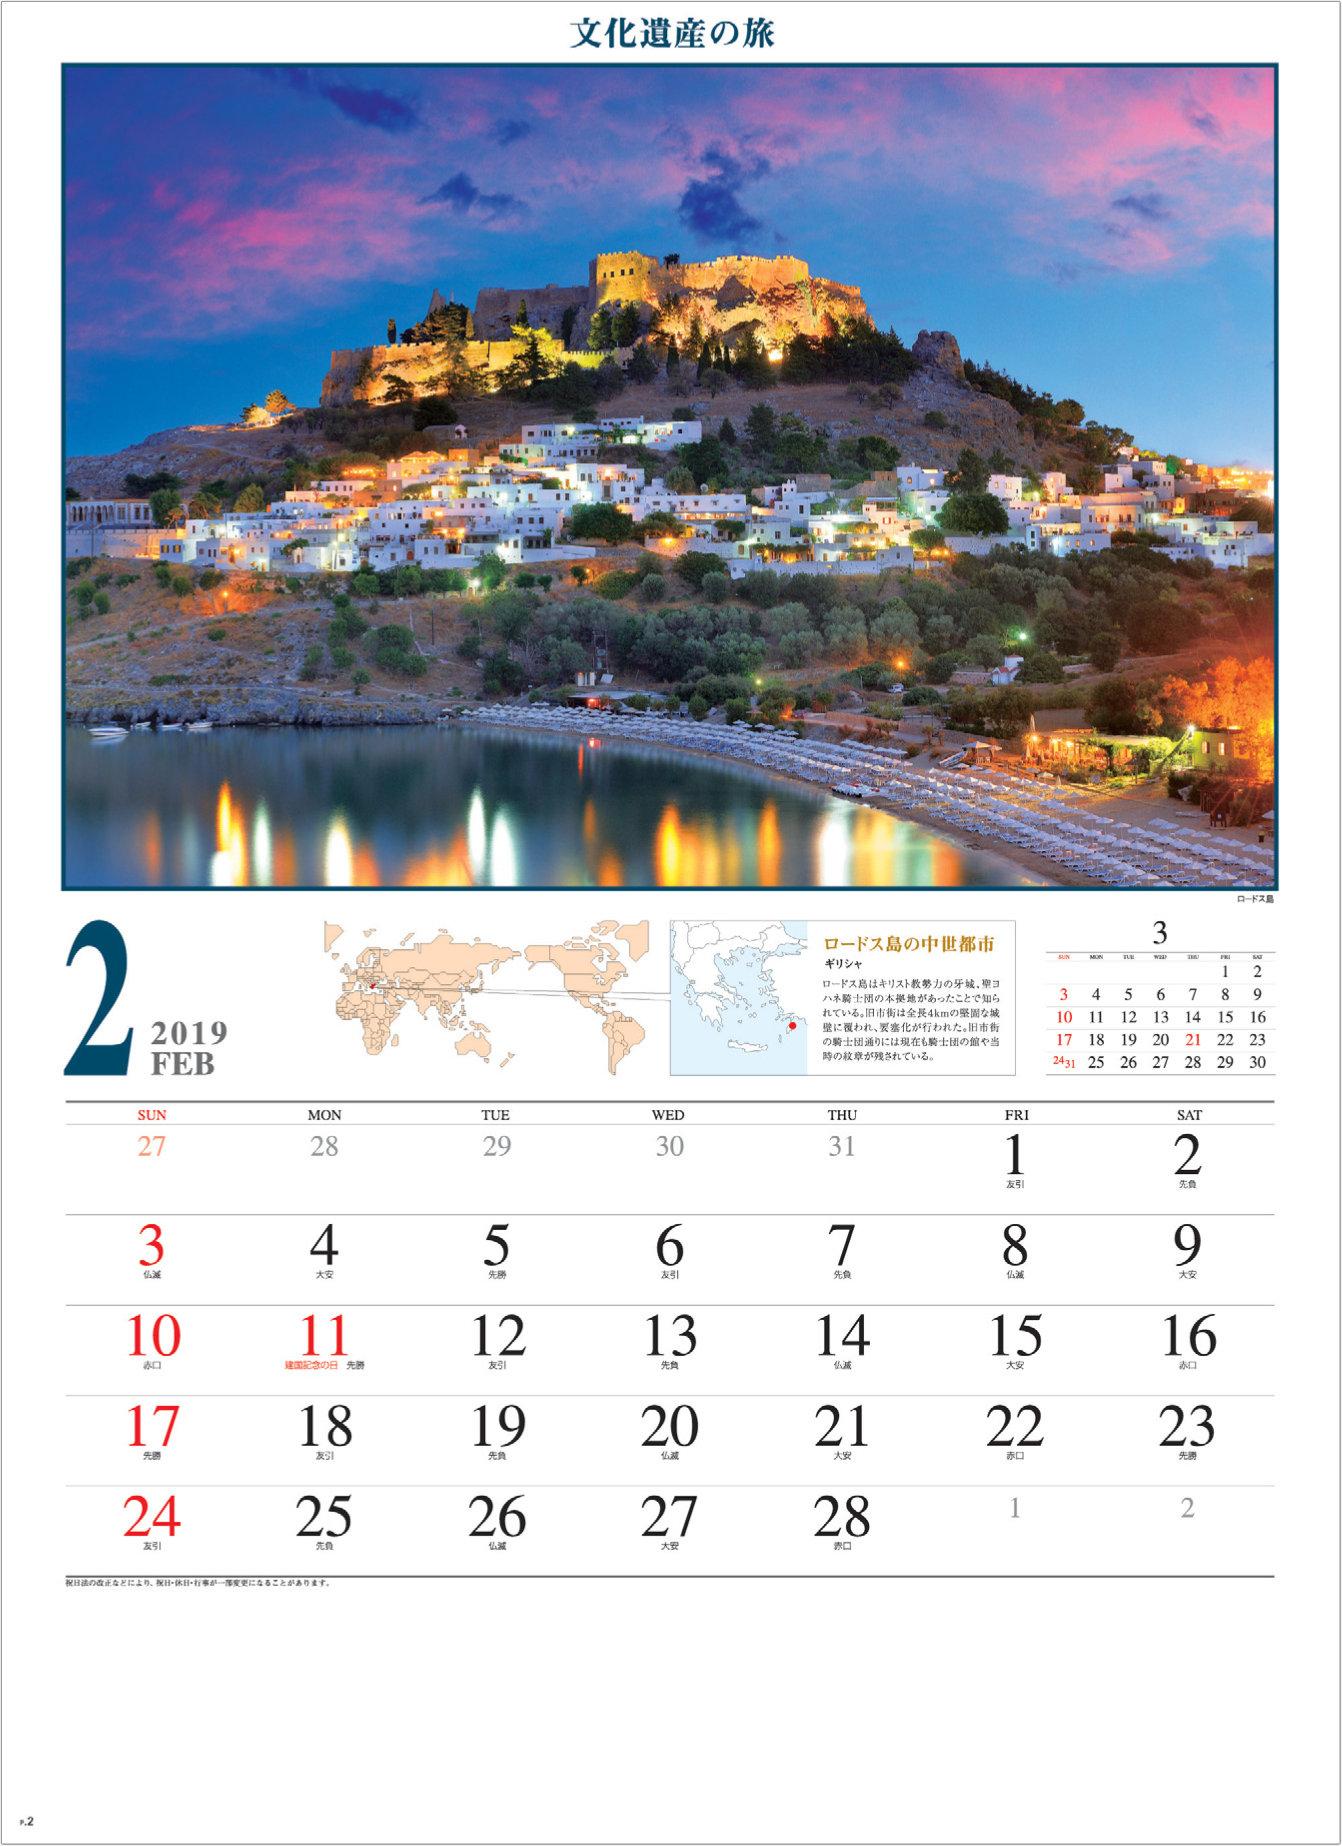 画像:ギリシャの世界遺産 ロードス島 文化遺産の旅(ユネスコ世界遺産) 2019年カレンダー